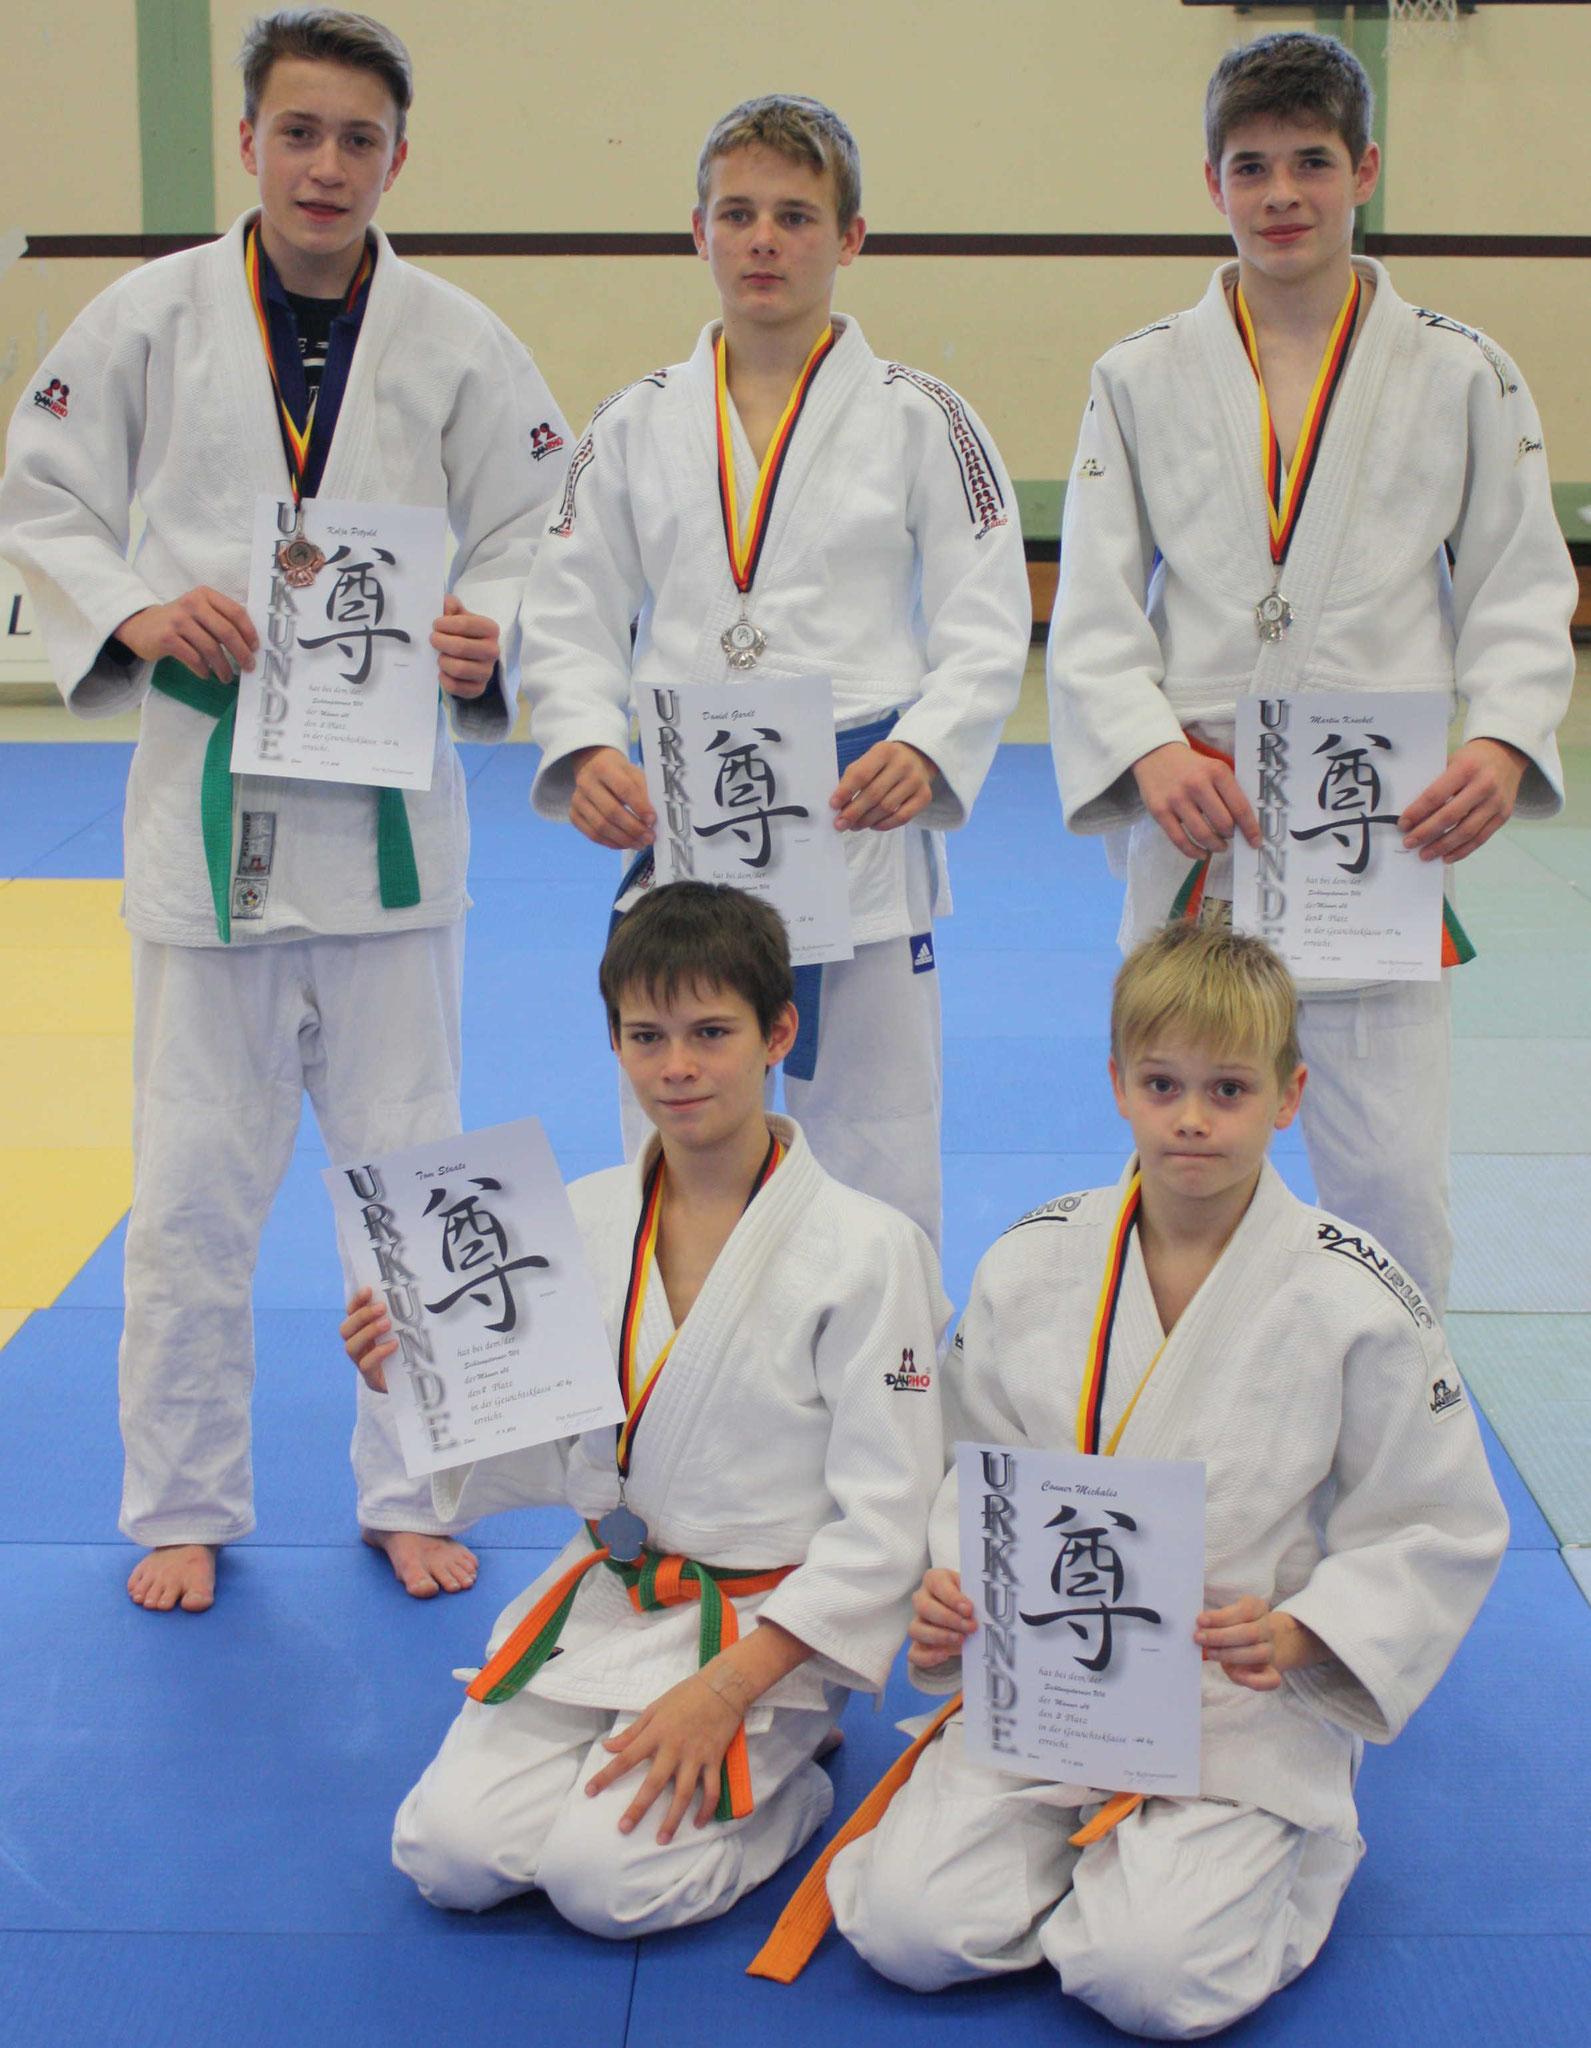 stehend von links: Kolja Pätzold, Daniel Gardt, Martin Koschel – unten von links Tom Staats und Conner Michaelis